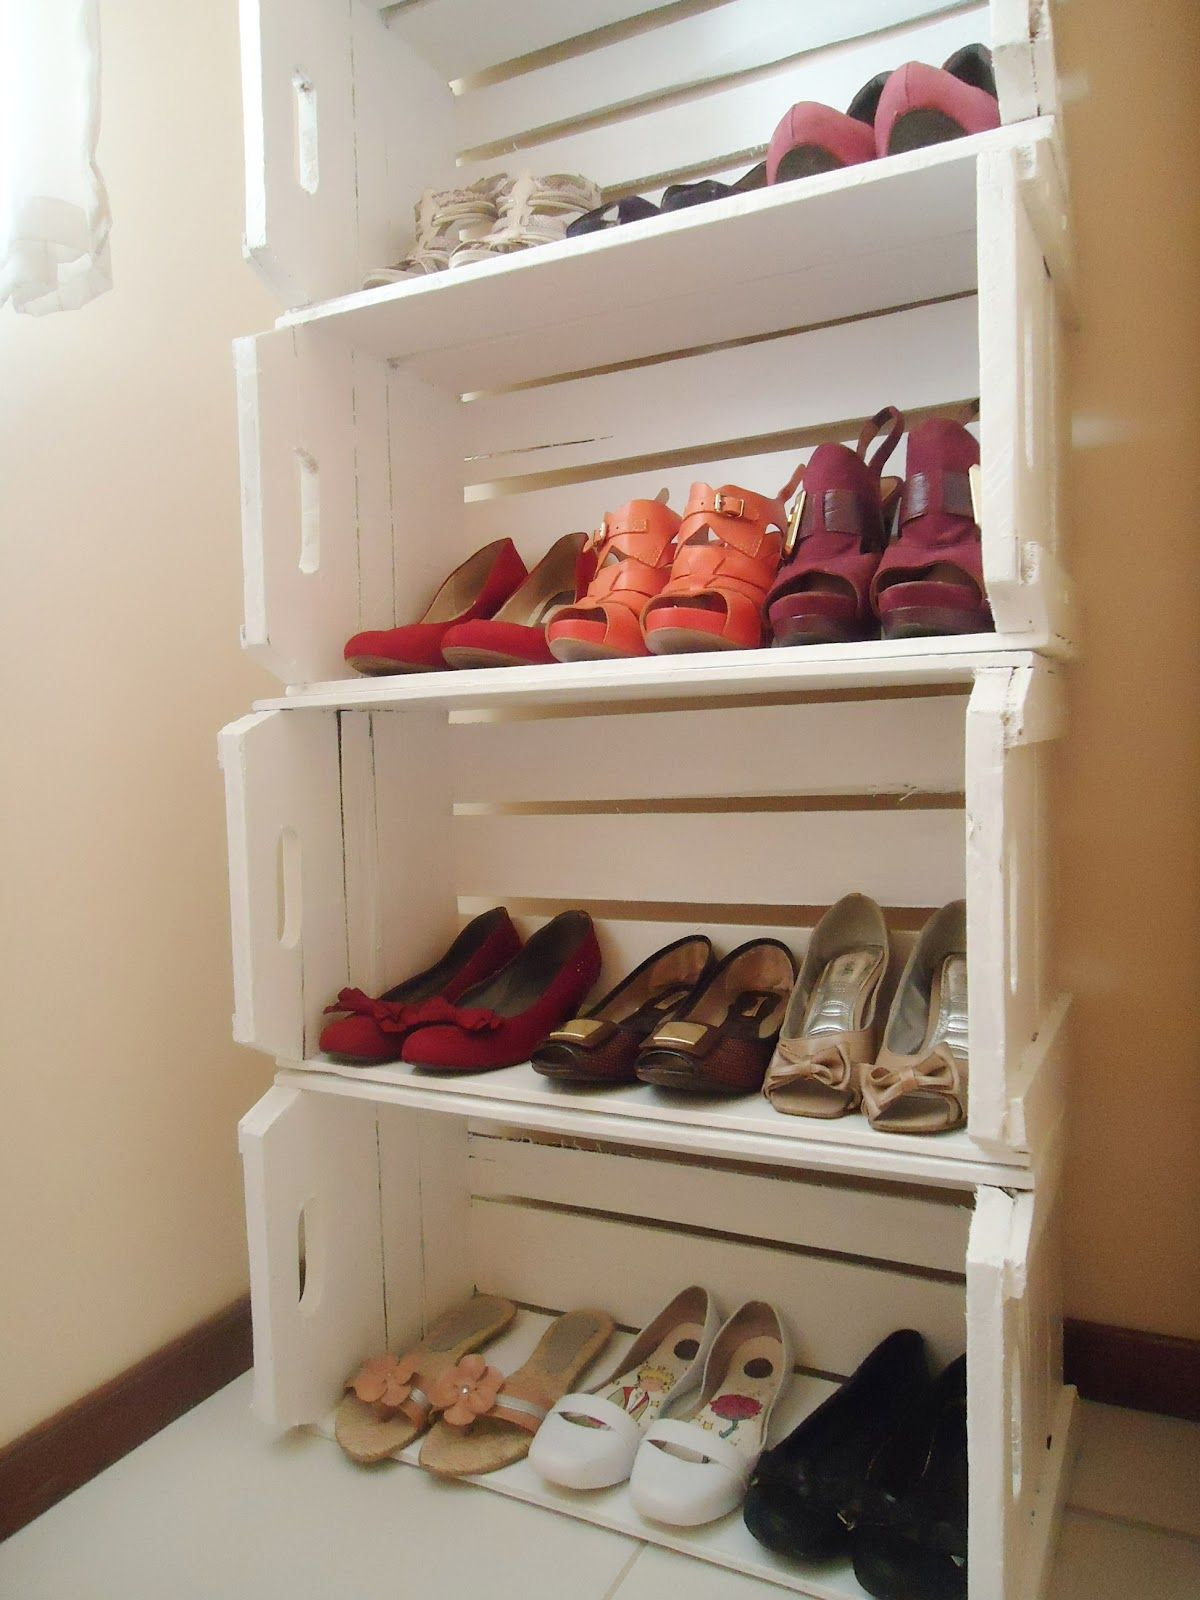 Populares Sapateira feita com caixotes | For the Home | Pinterest | Pallets  VZ84